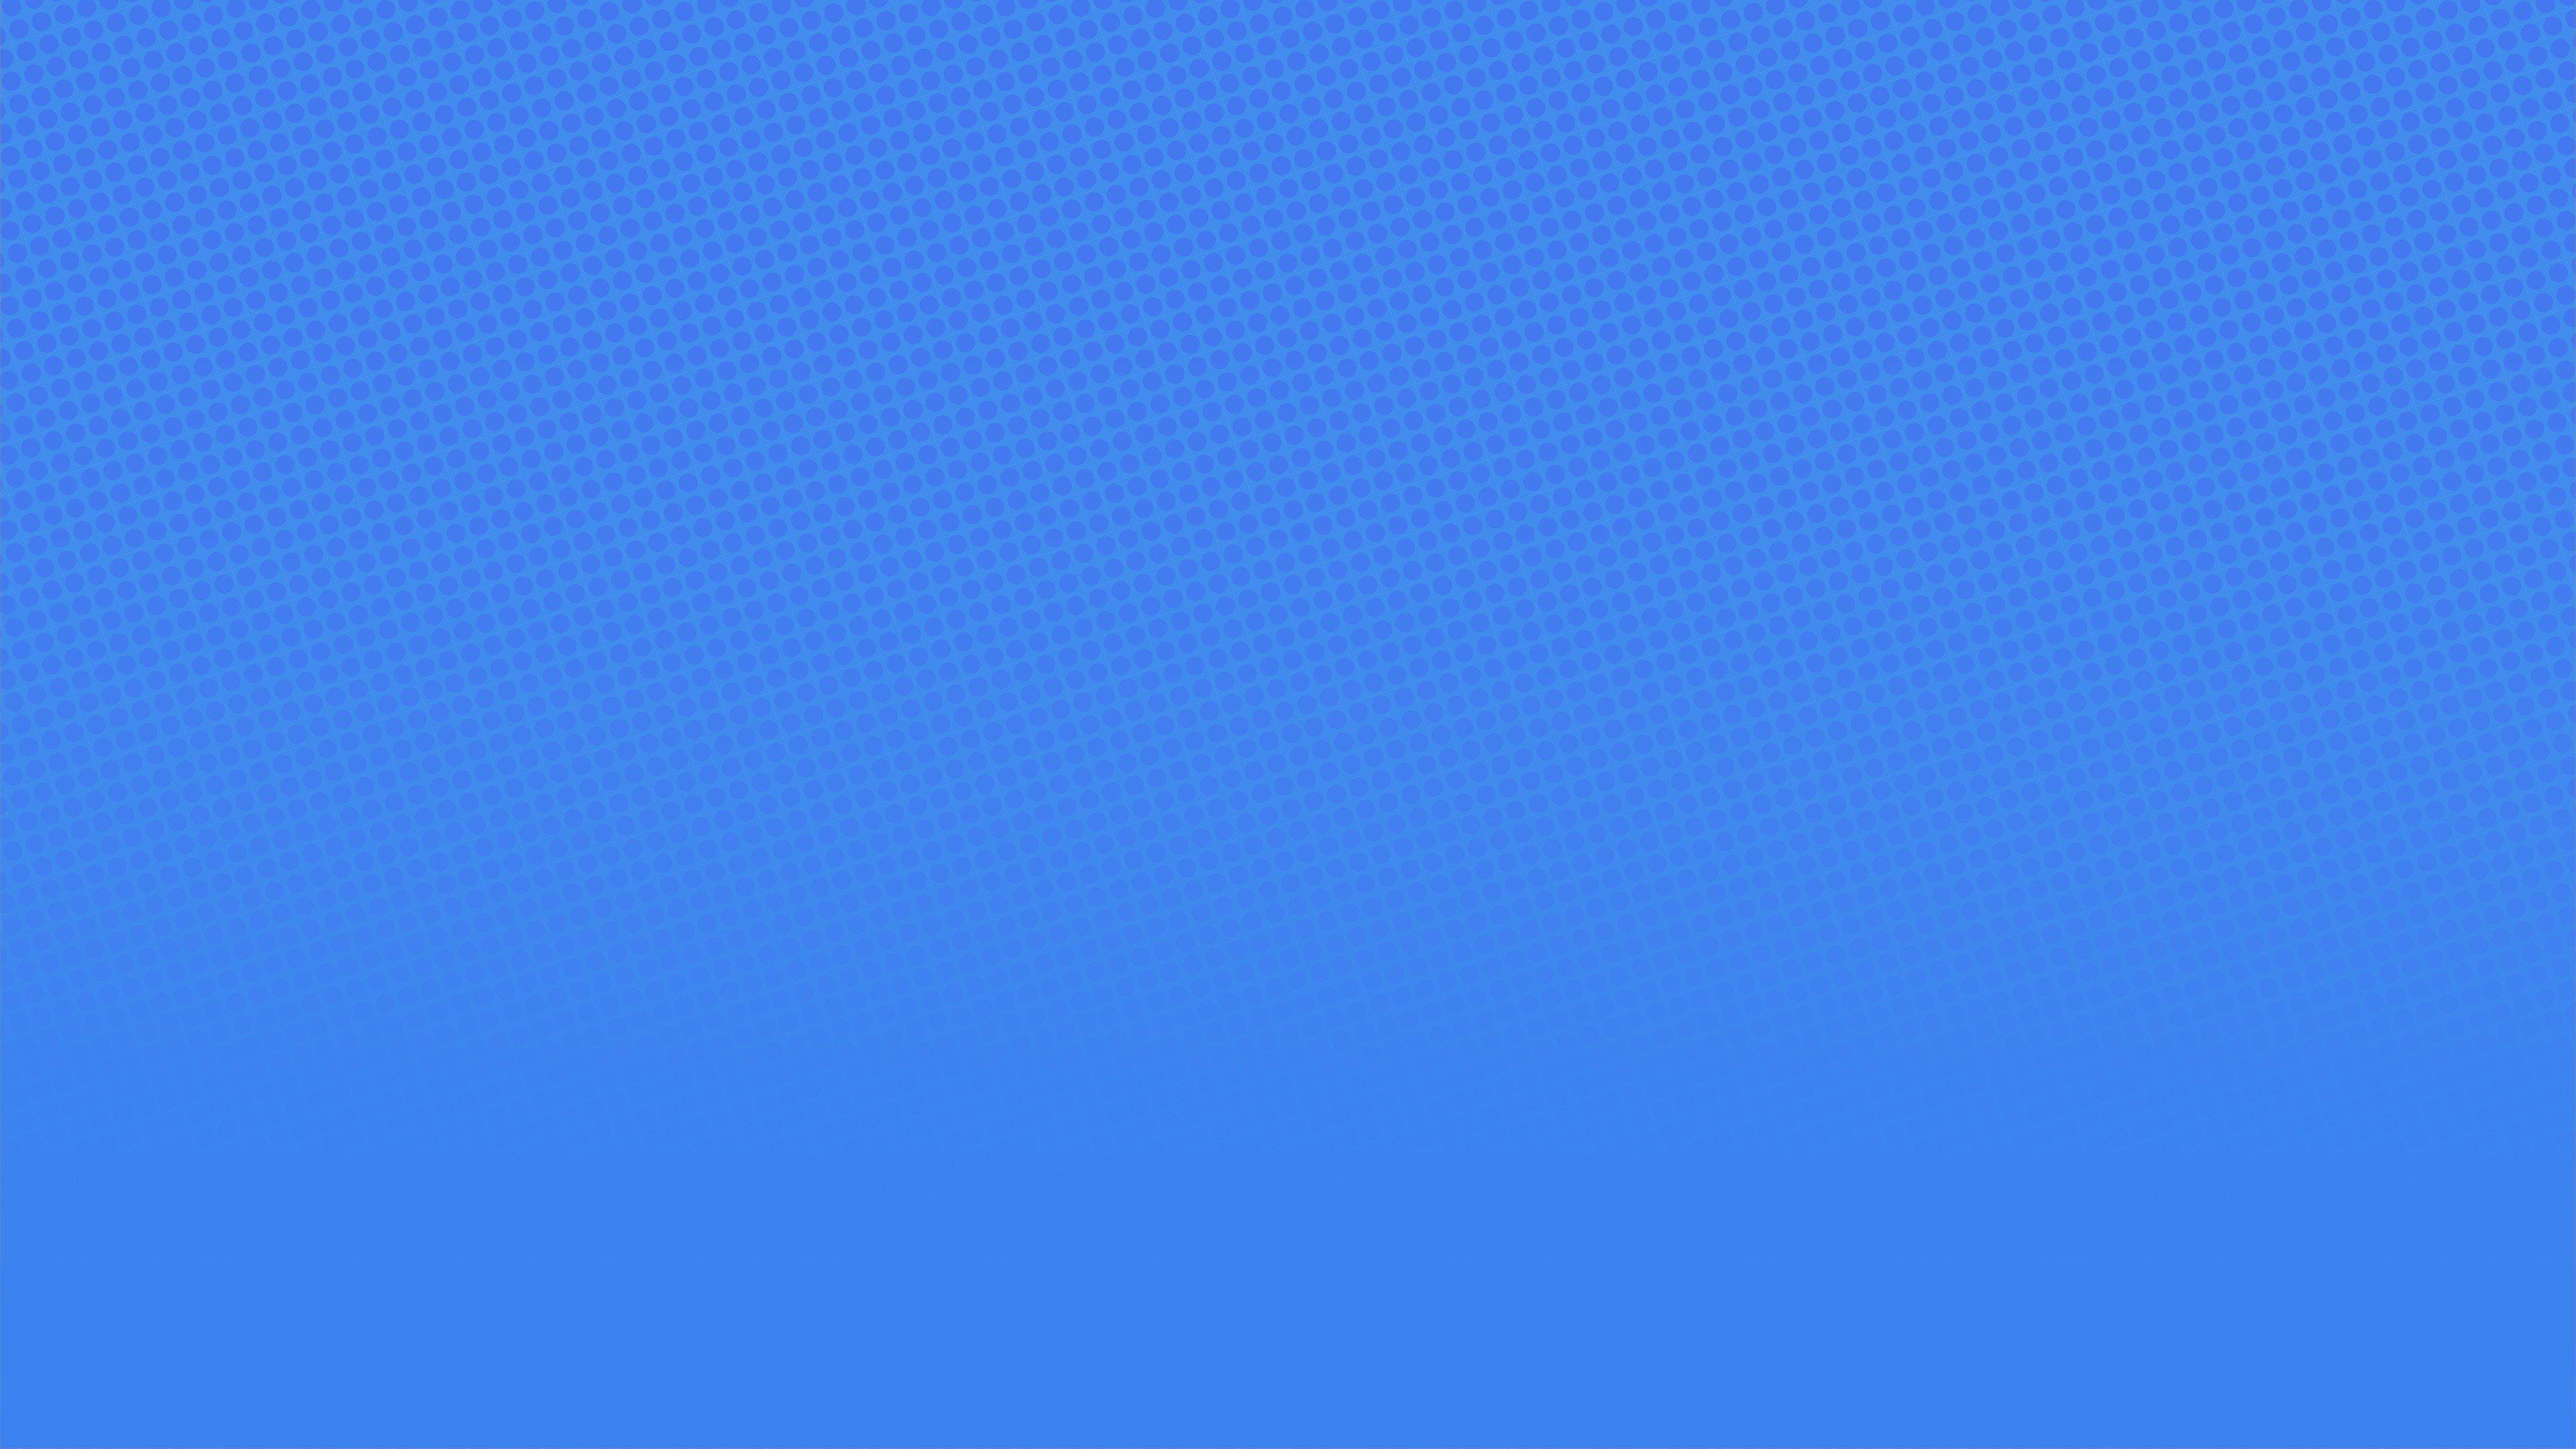 Скачать Обои На Телефон Однотонные Синие